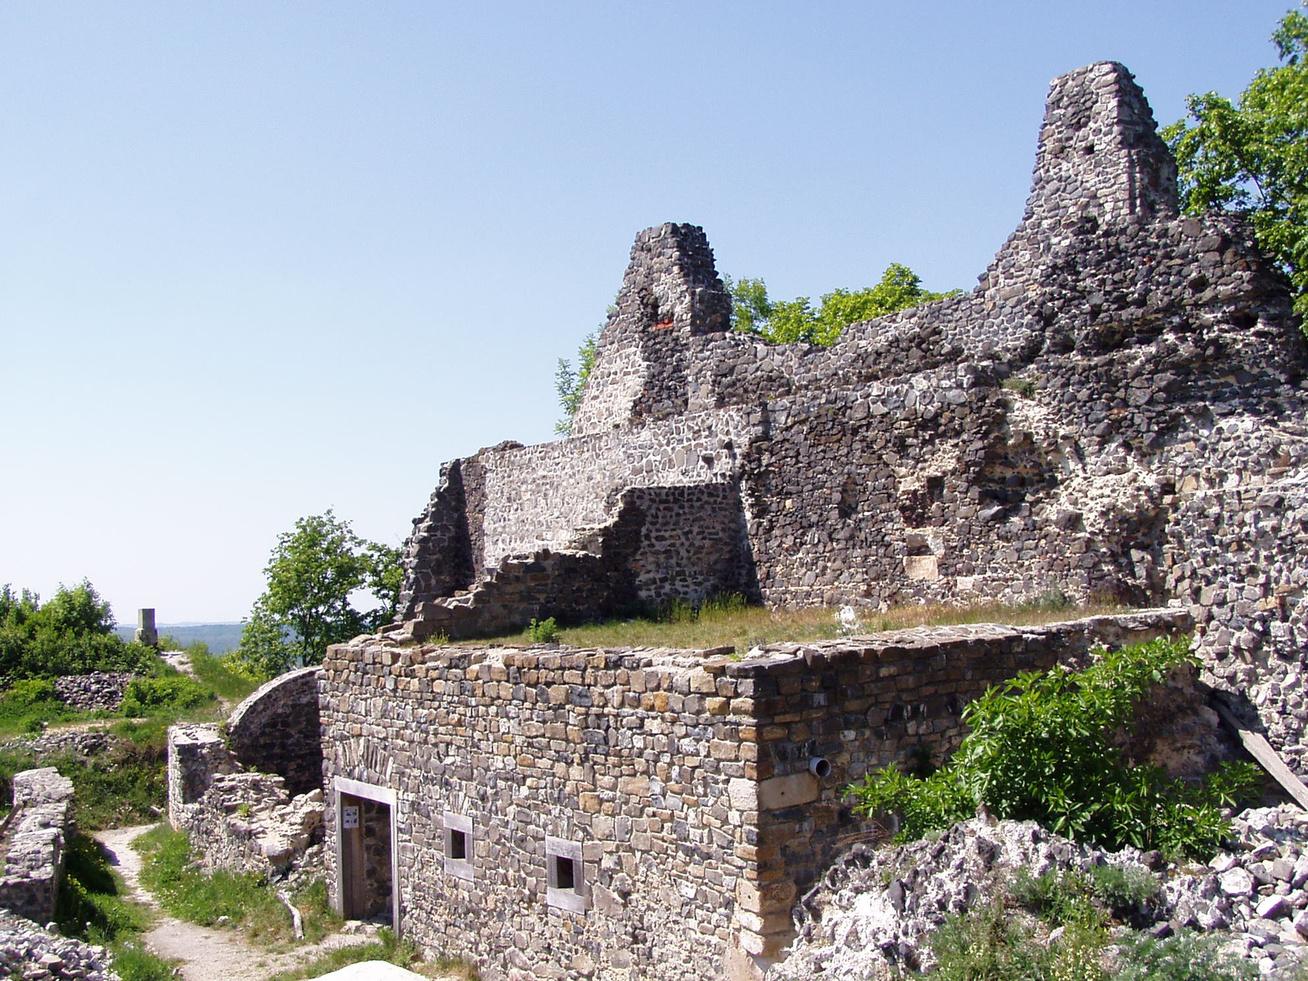 Bakancslistás helyek a Balaton körül – Tátika-vár, Zalaszántó